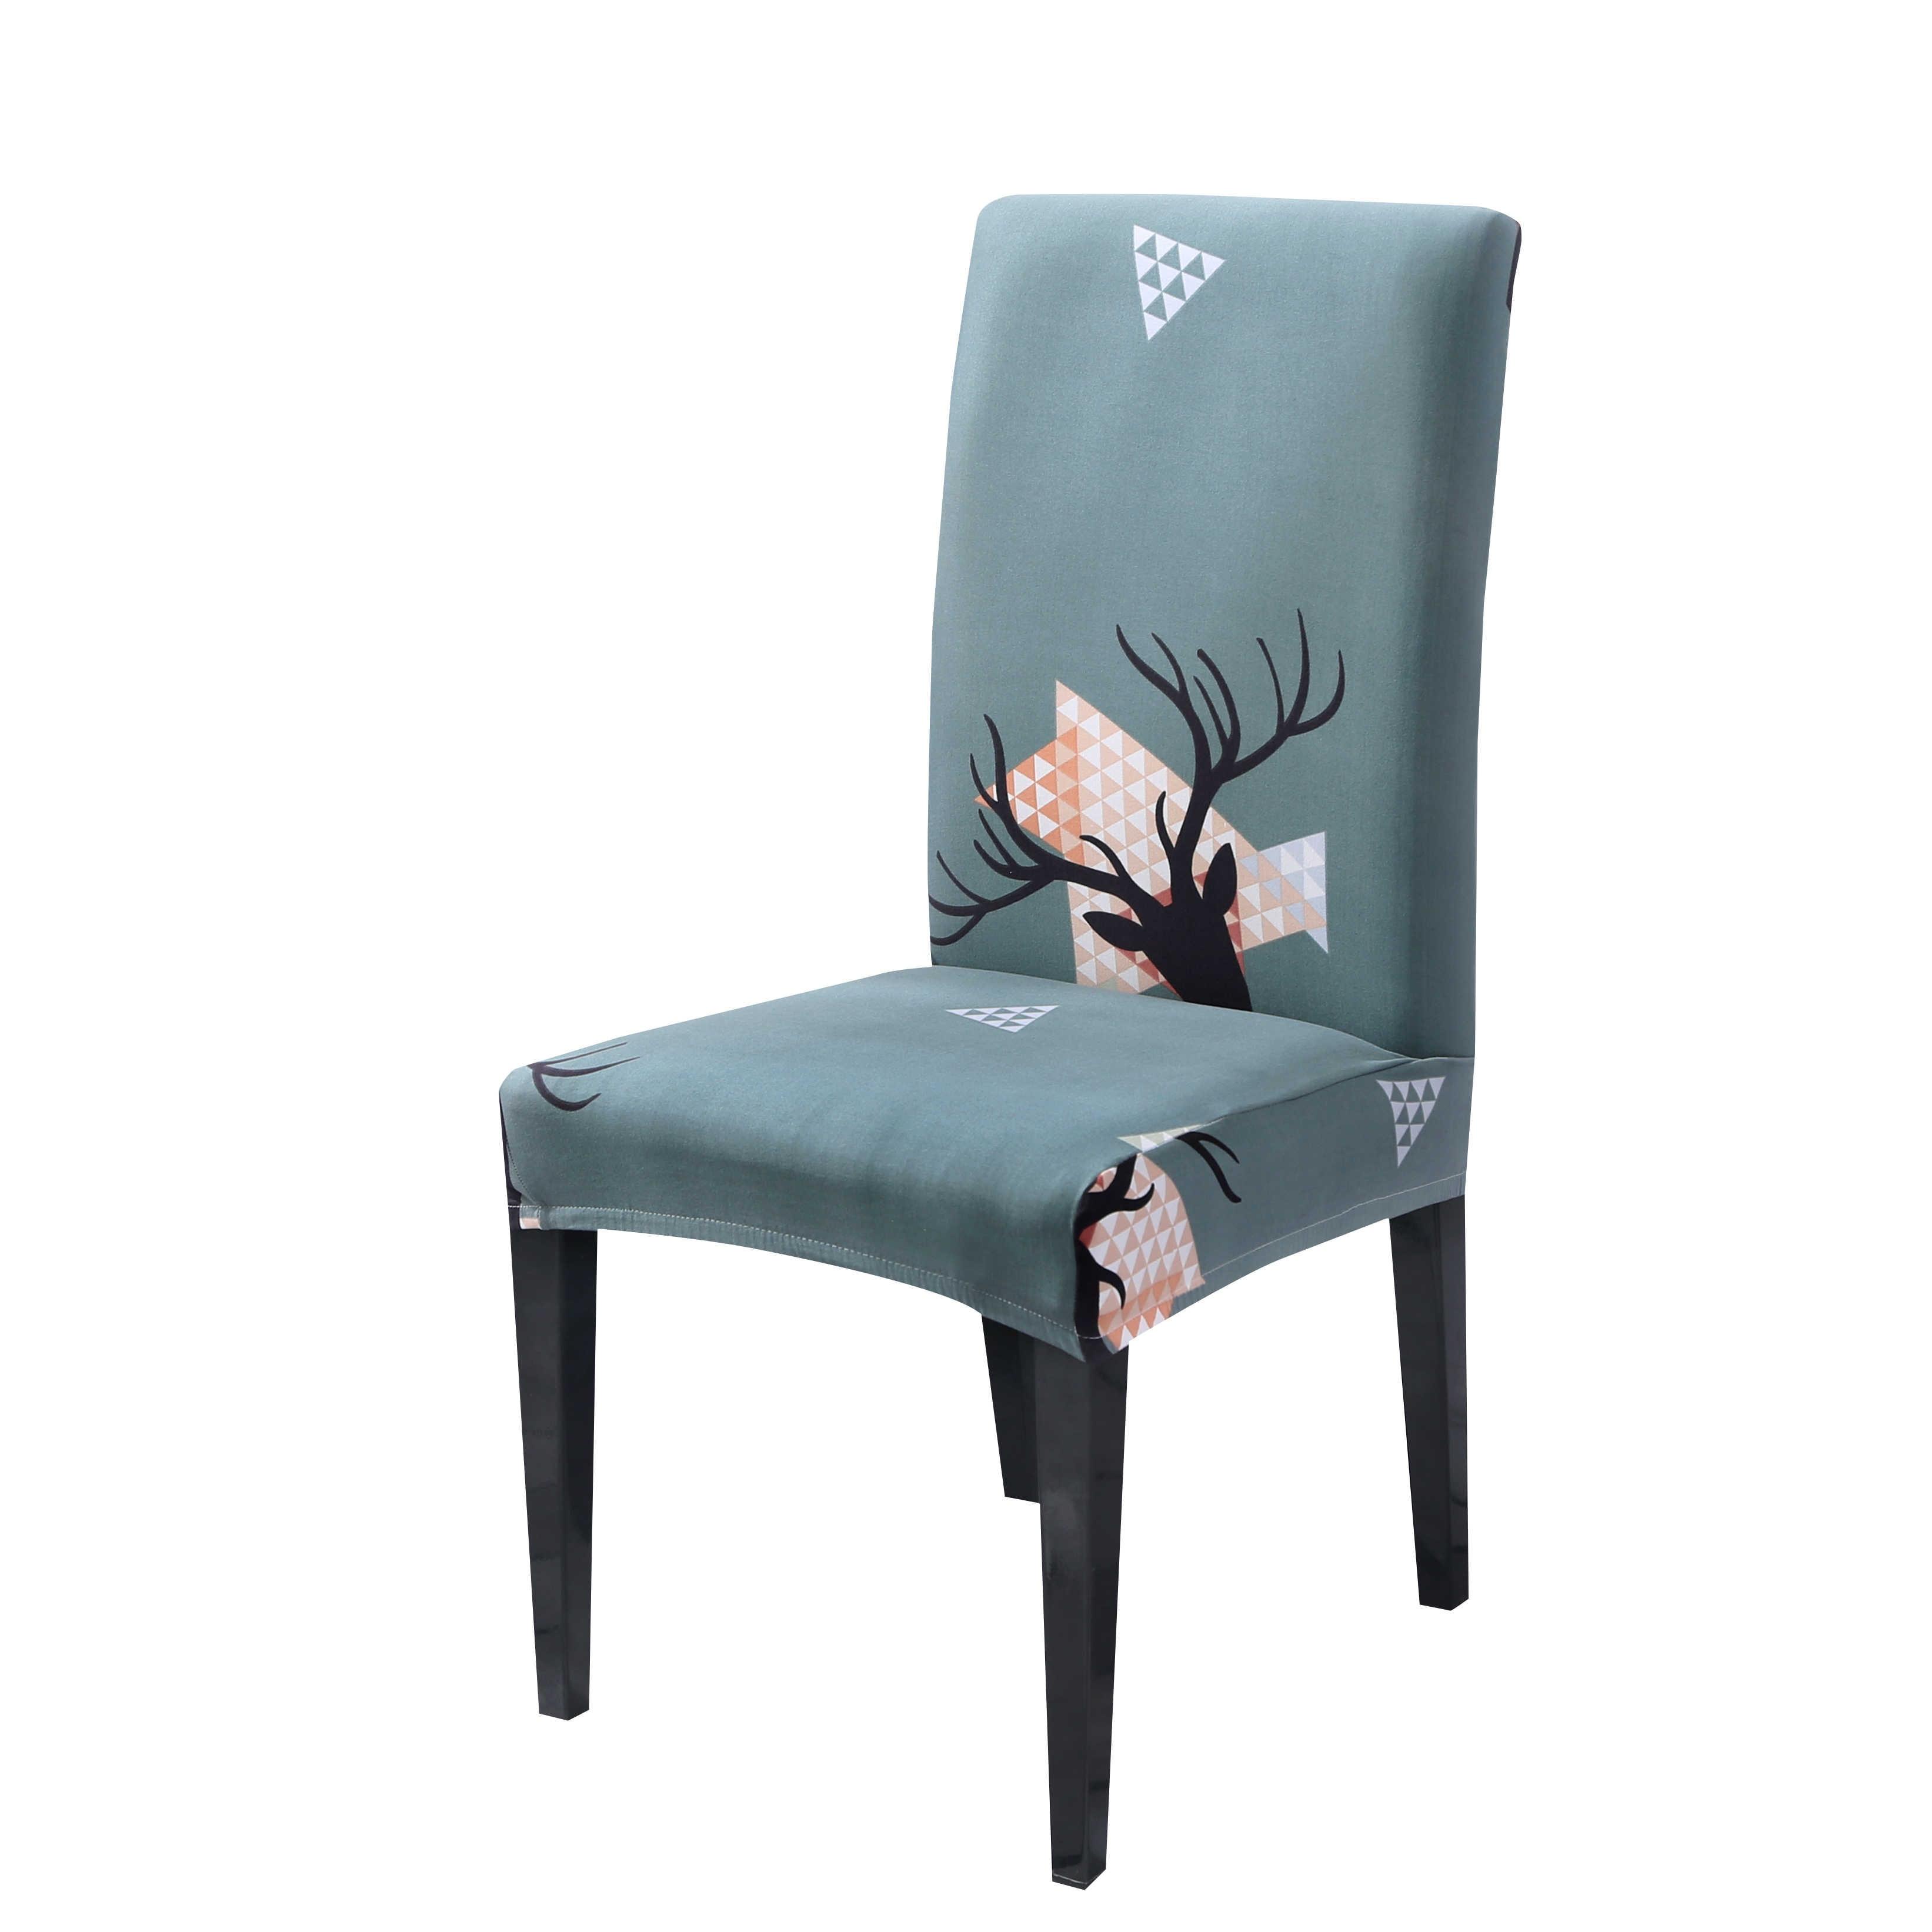 Cubierta de silla de Navidad fundas de LICRA para silla de cubierta elástica para sillas adornos navideños para el hogar Silla de comedor, 1pc